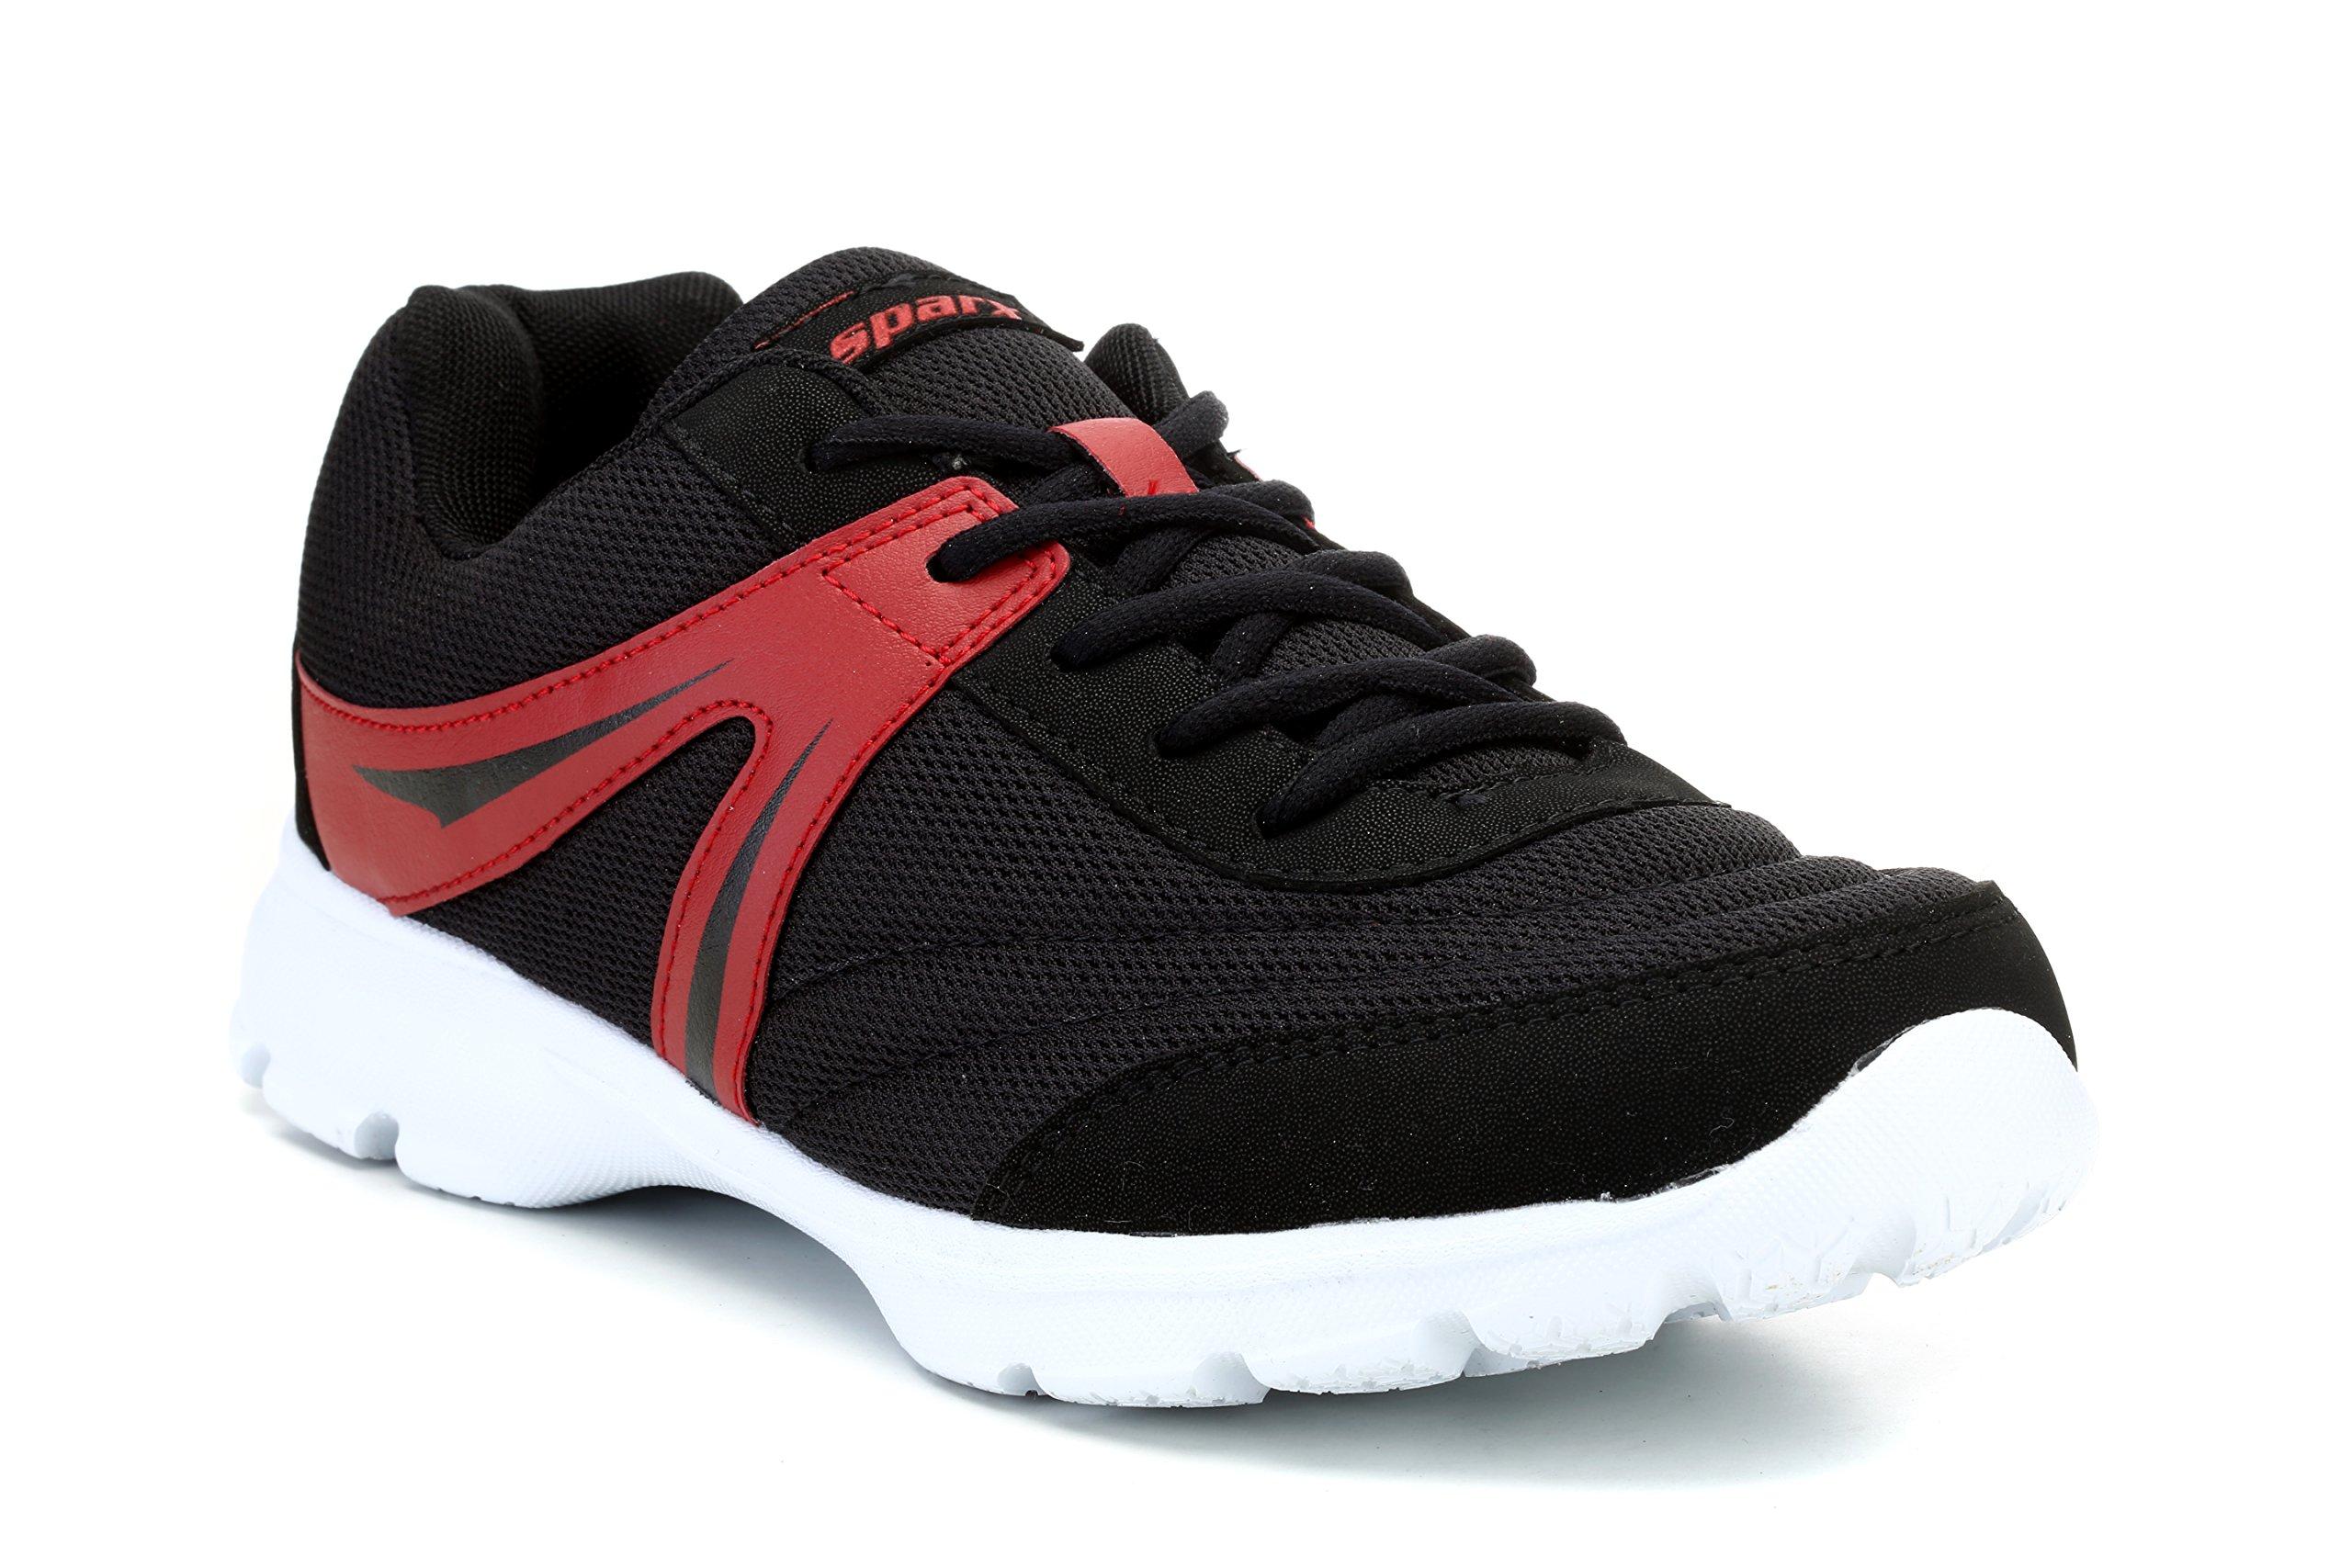 Sparx Men's Running Shoes- Buy Online